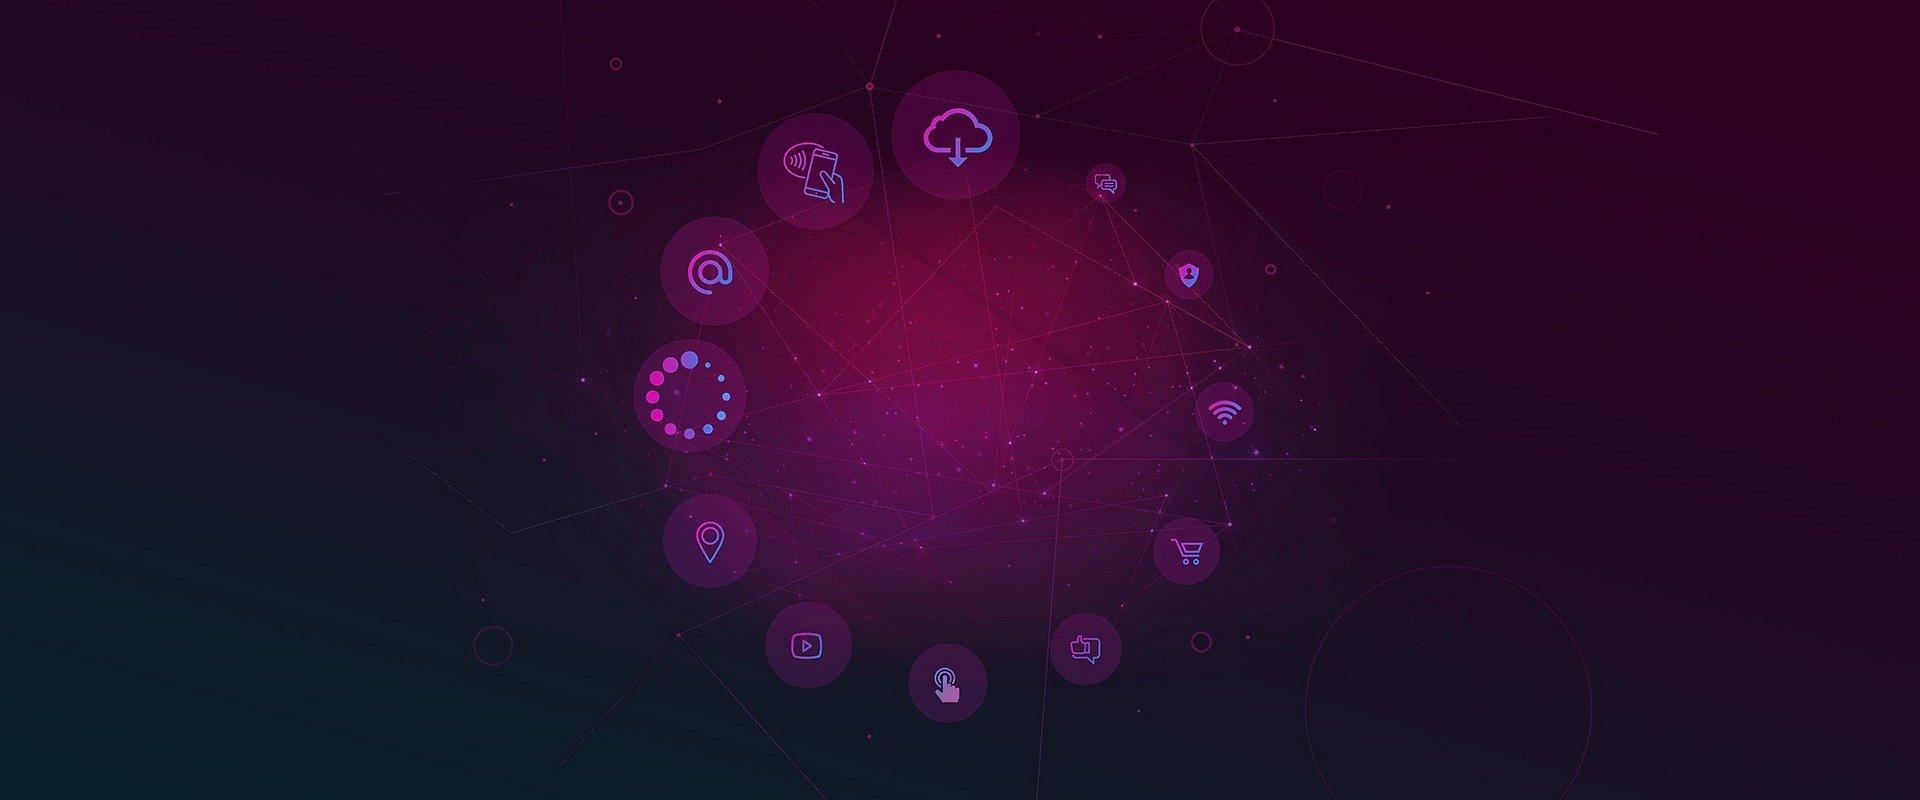 1 października rusza Festiwal Cyfryzacji – czas aktualizacji, inspiracji i edukacji cyfrowej Polaków